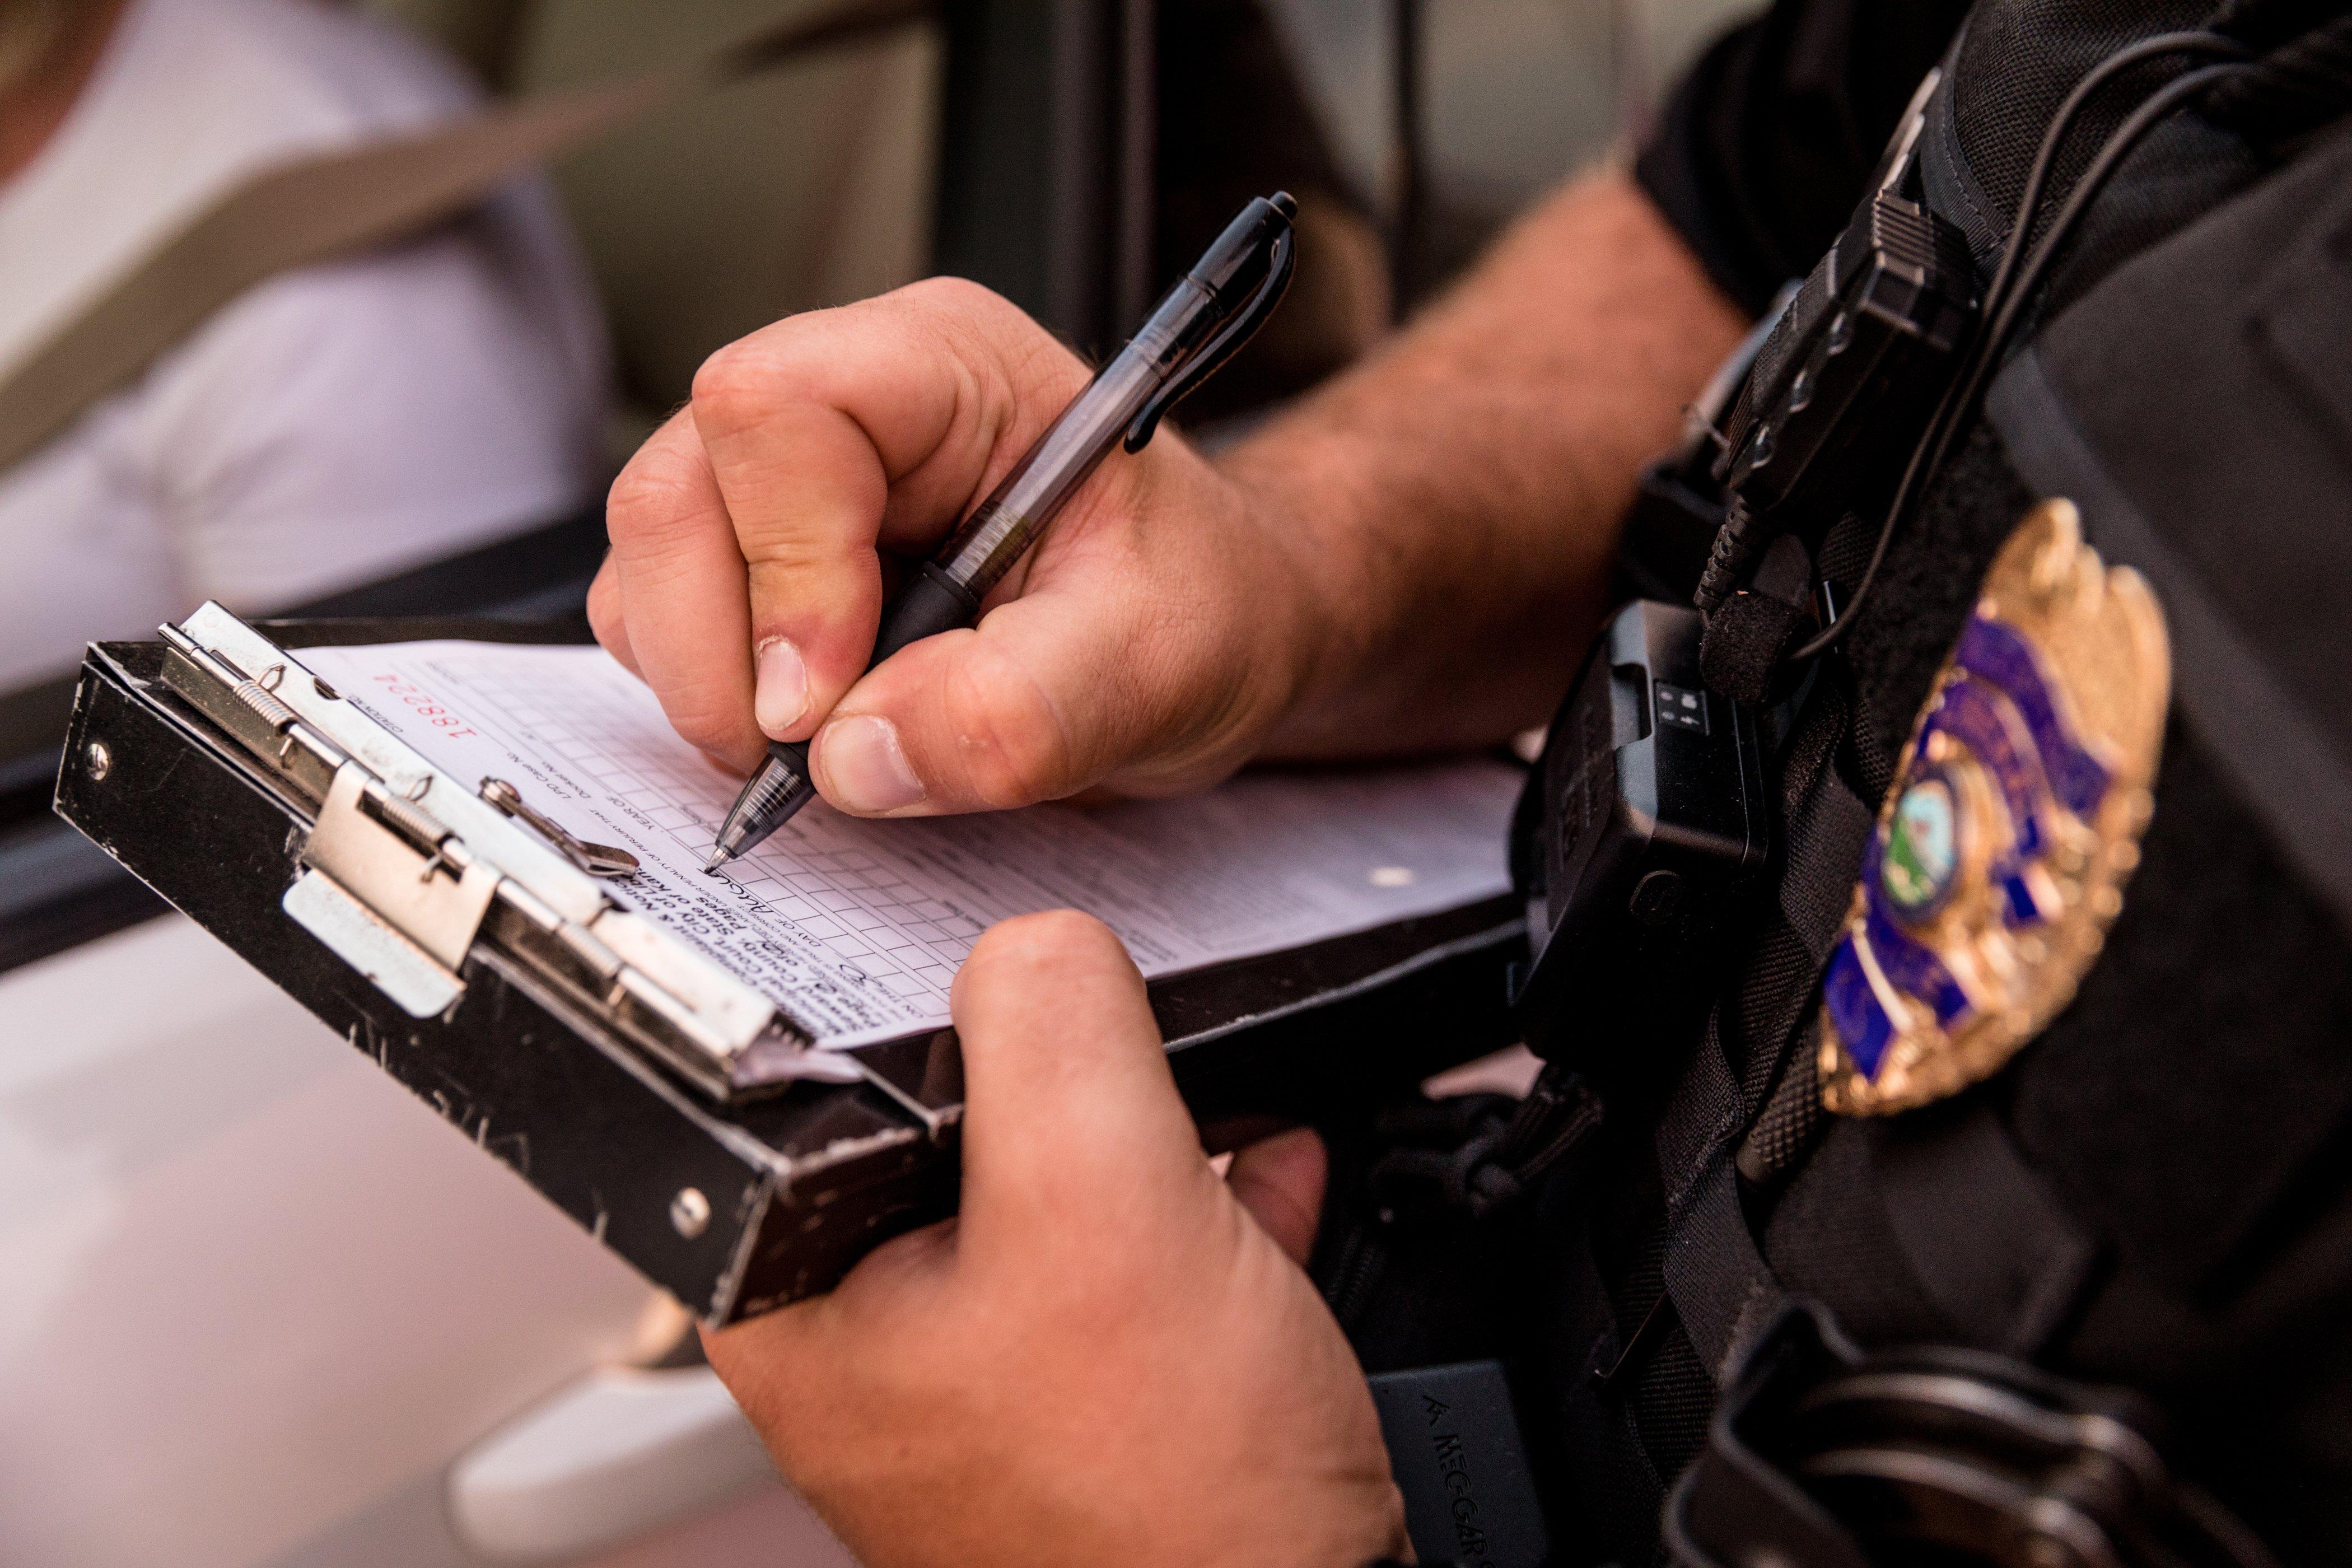 Polizeibeamte schreibt ein Ticket   Quelle: Shutterstock